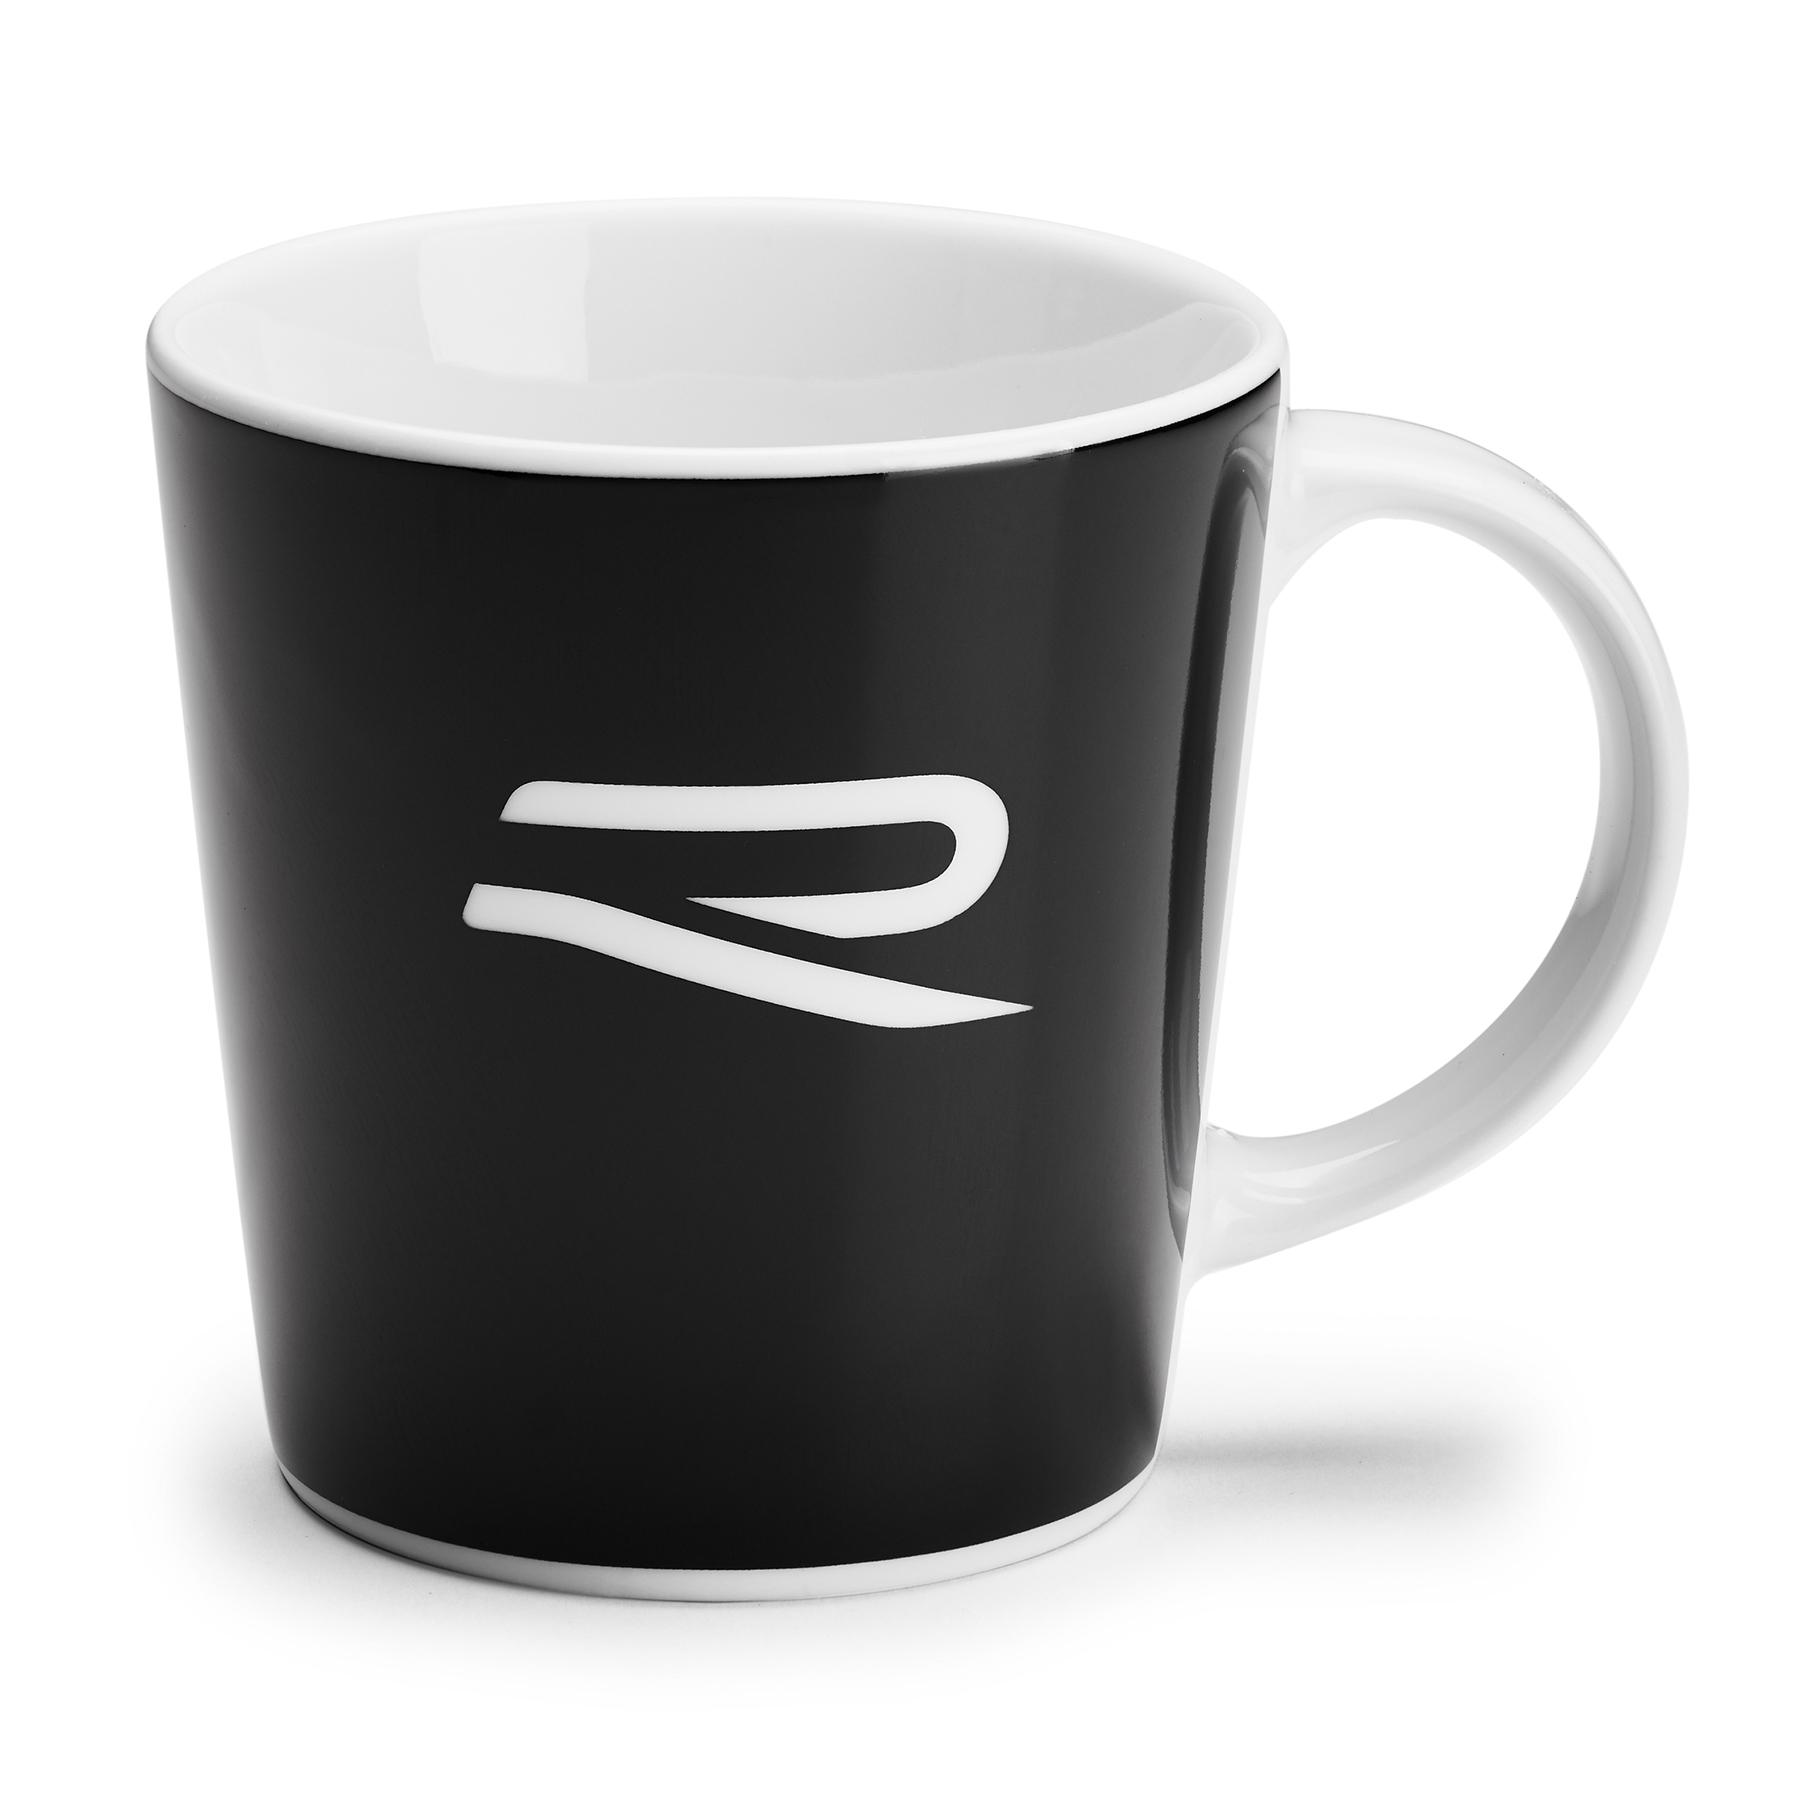 Volkswagen Kaffeebecher R-Kollektion schwarz/weiß